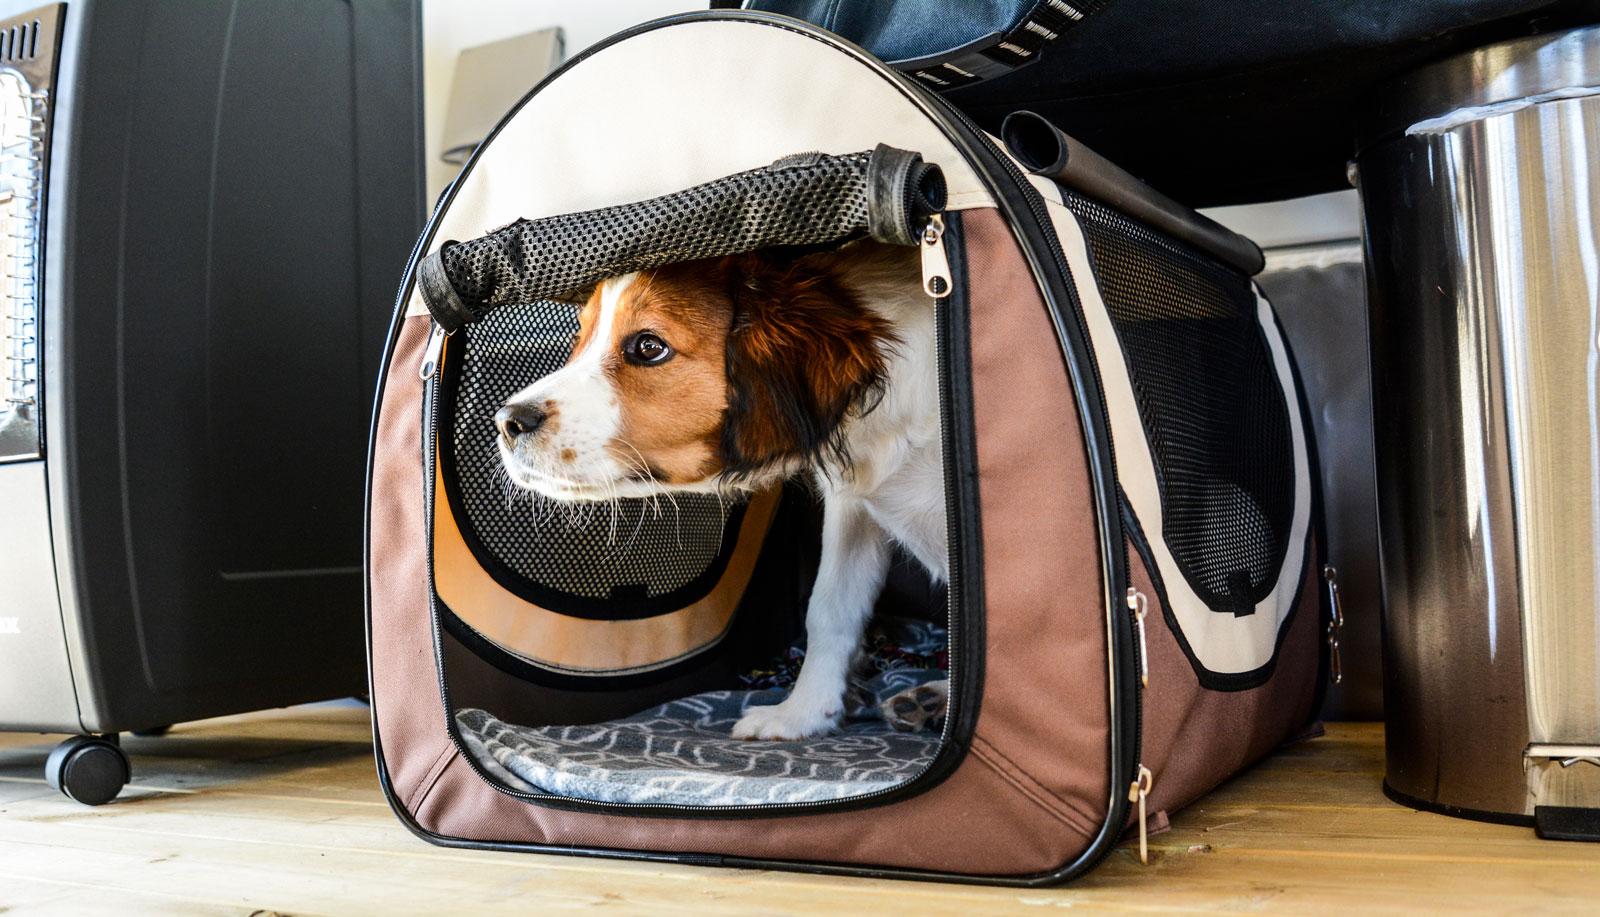 Hunden Alice har sitt eget lilla krypin när behovet av egentid gör sig påmint.